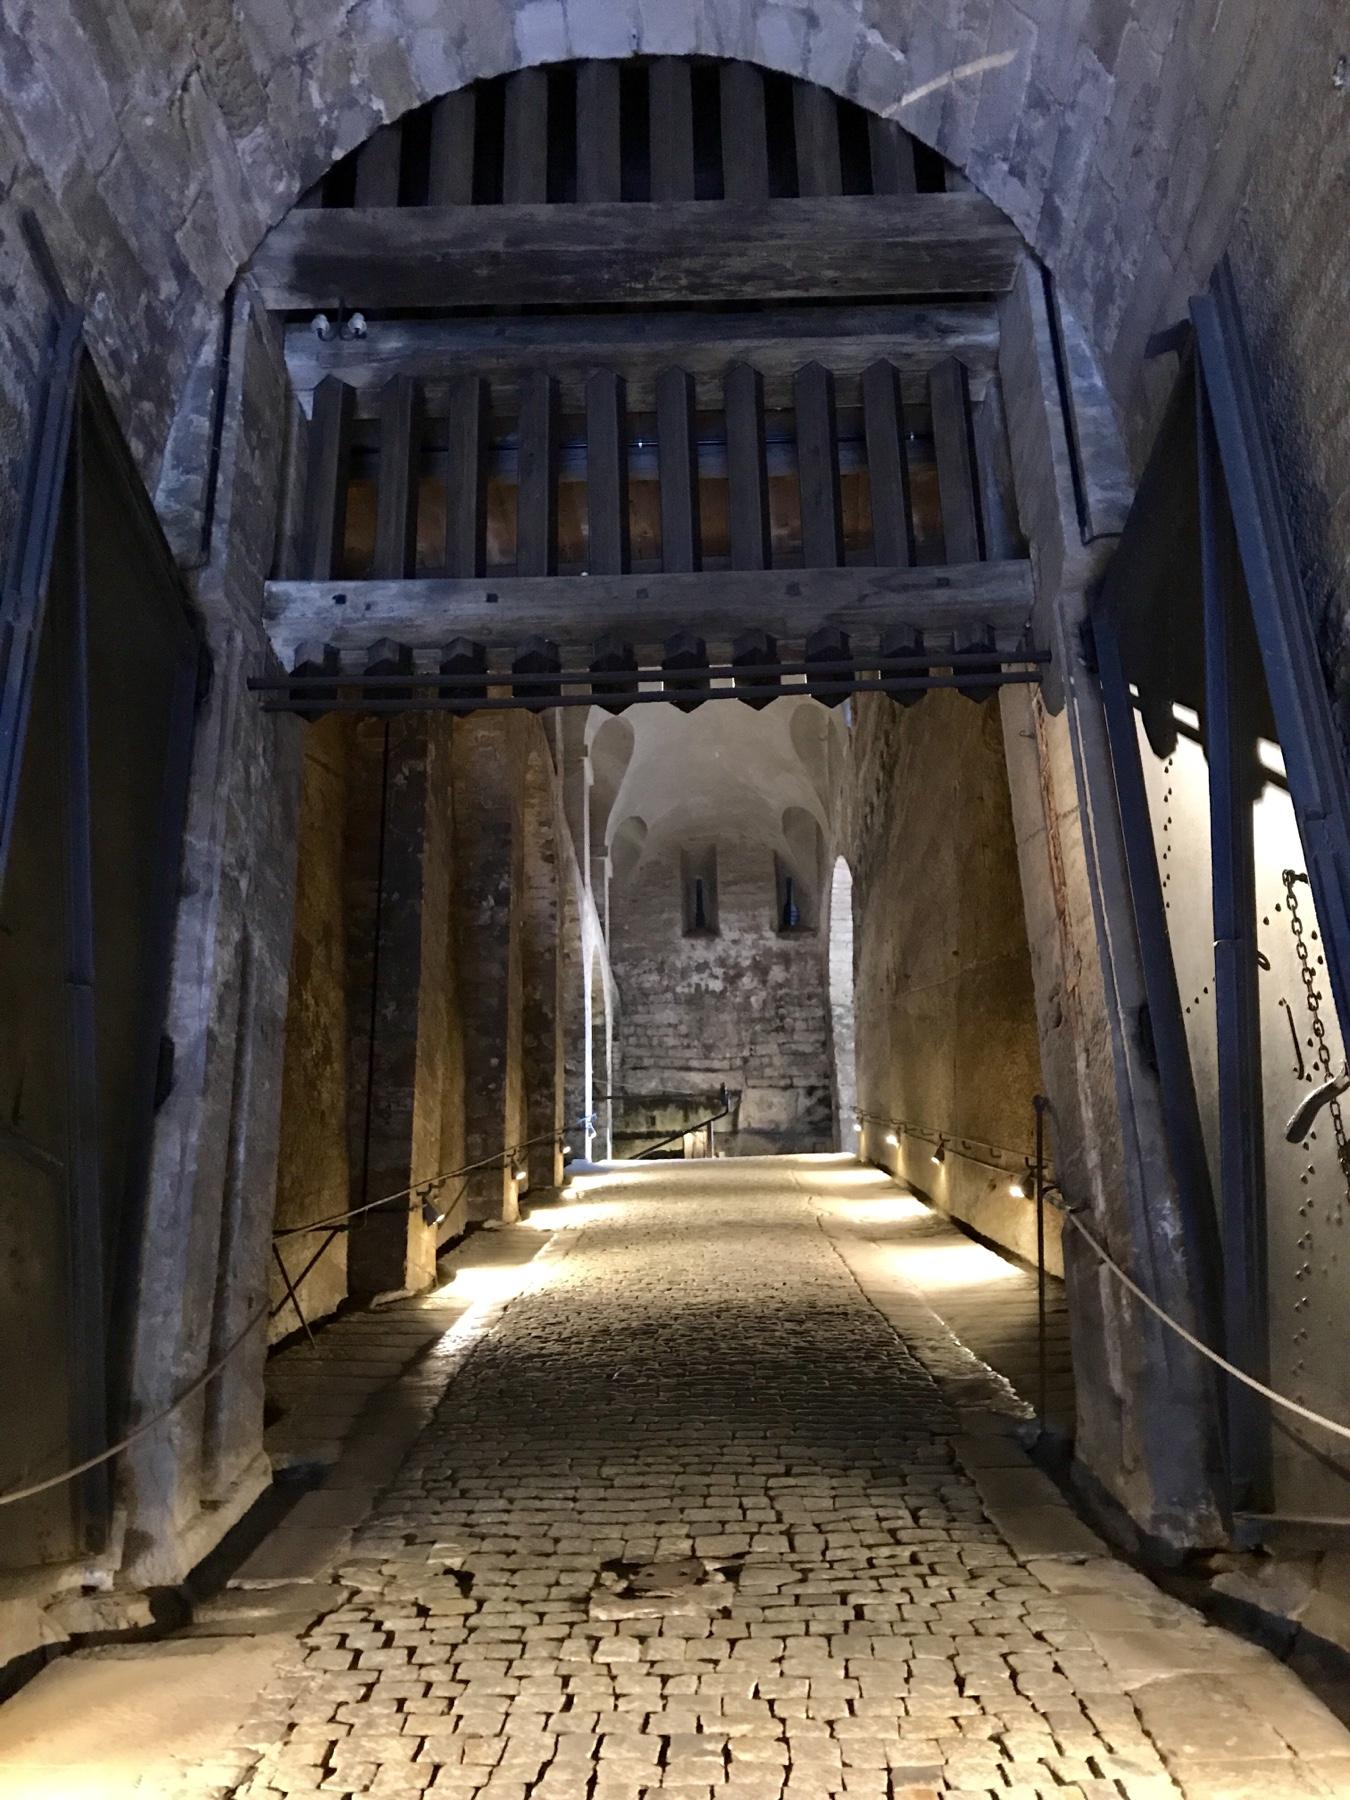 Dunkle Appareille, Festung Königstein, Malerweg